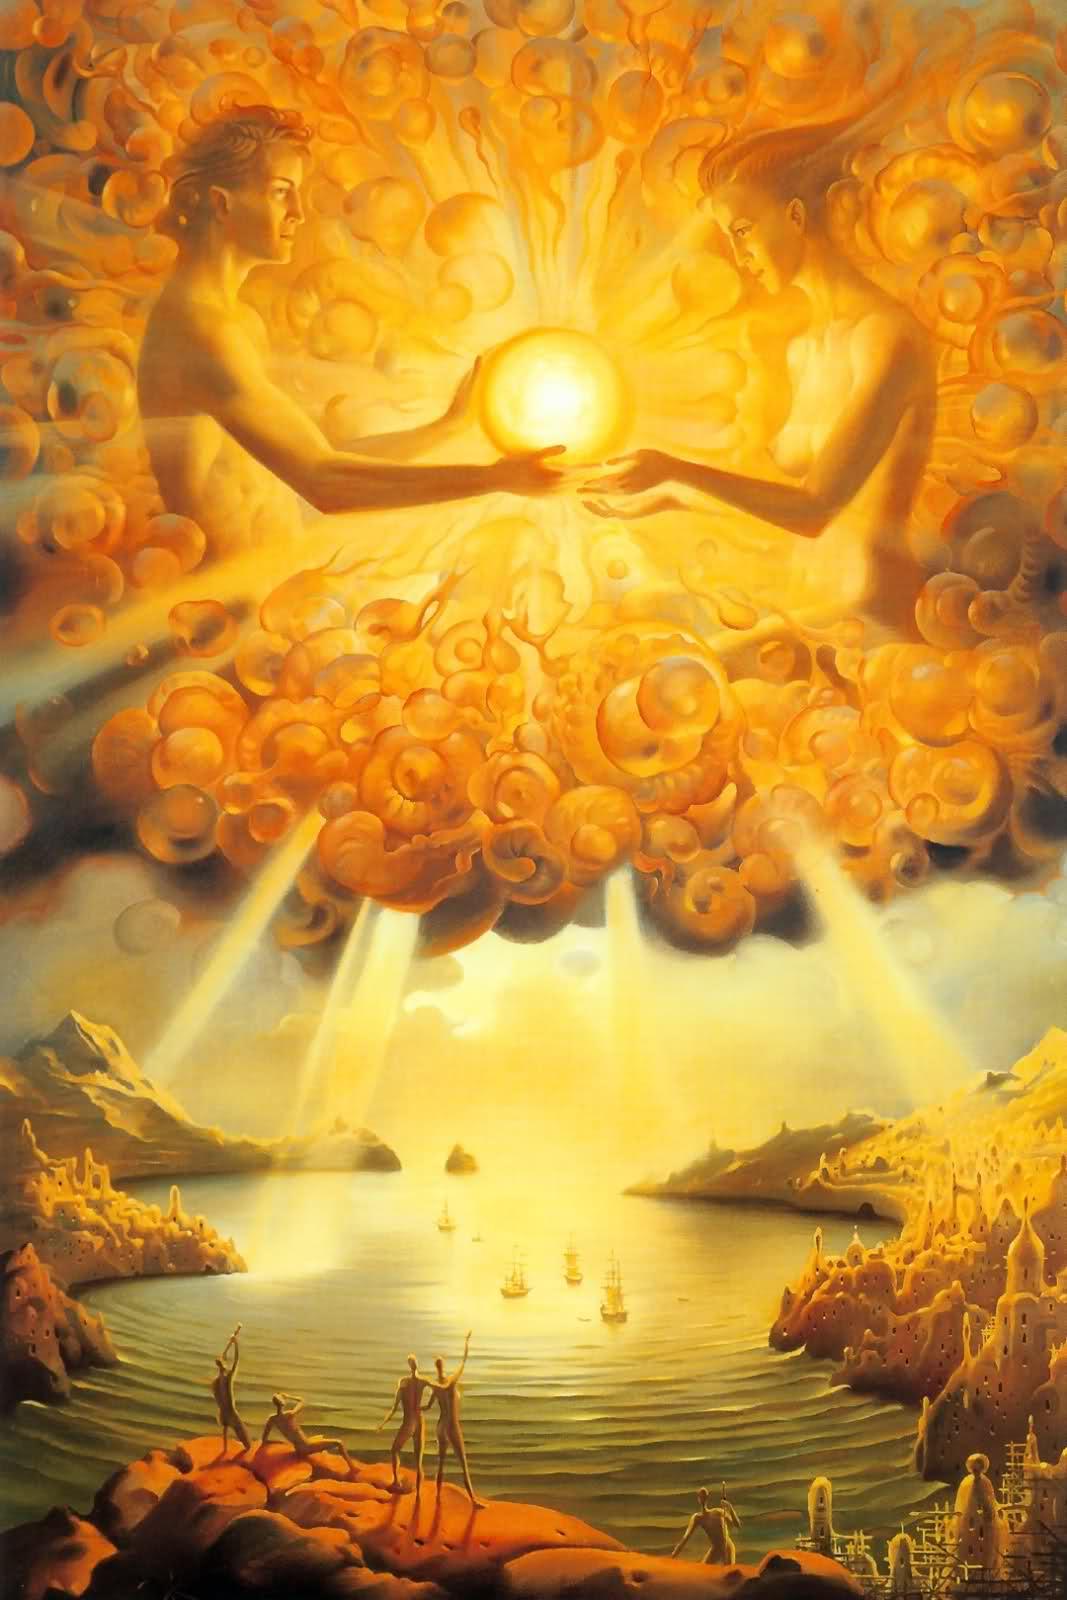 духовные картинки со смыслом большинство фильмов